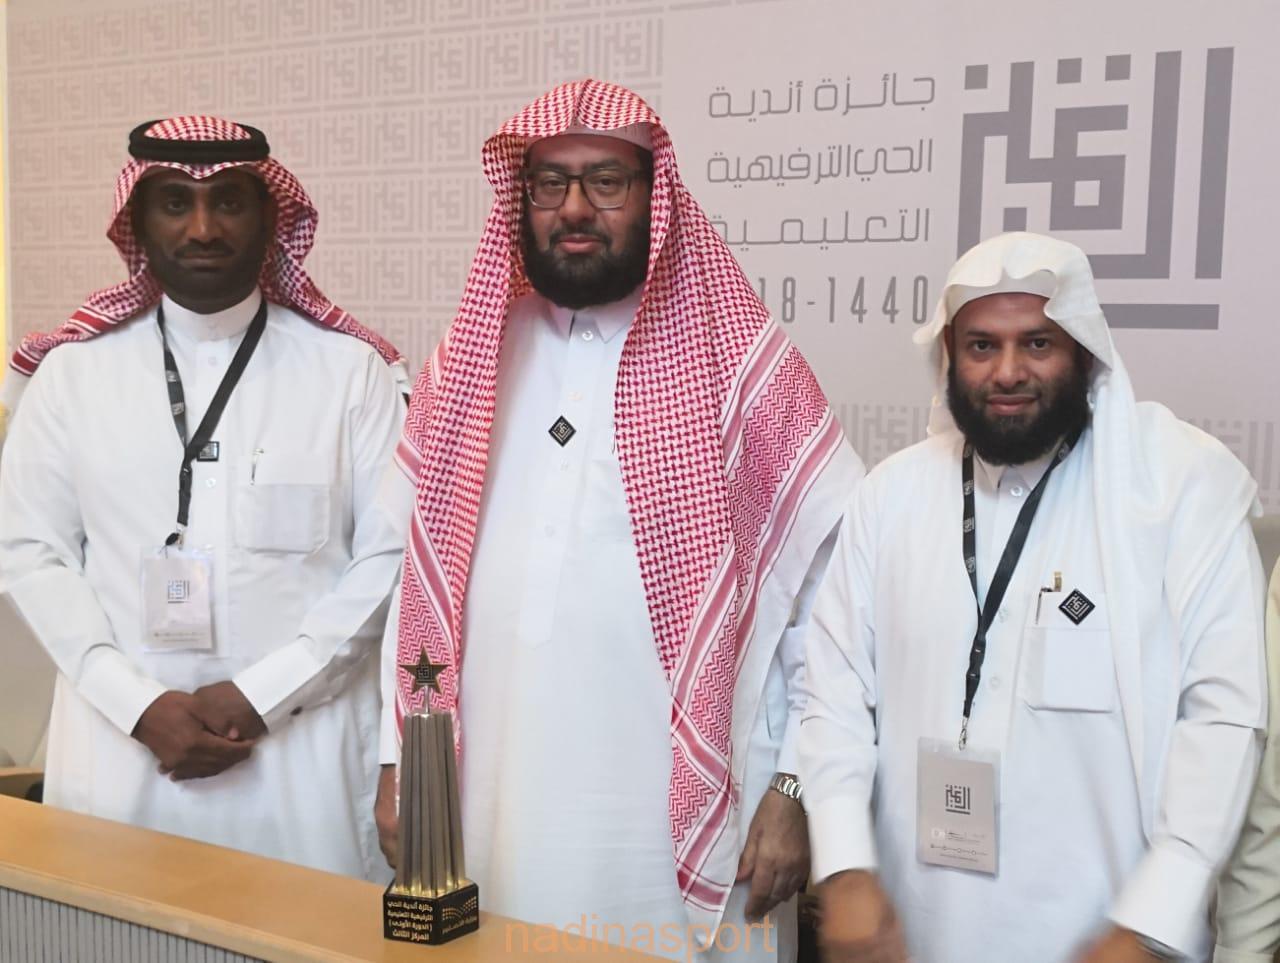 نادي الاميرمحمدبن فهدبالاحساء يحقق المركزالثالث على مستوى المملكة في جائزة التميز لأندية الأحياء الترفيهية